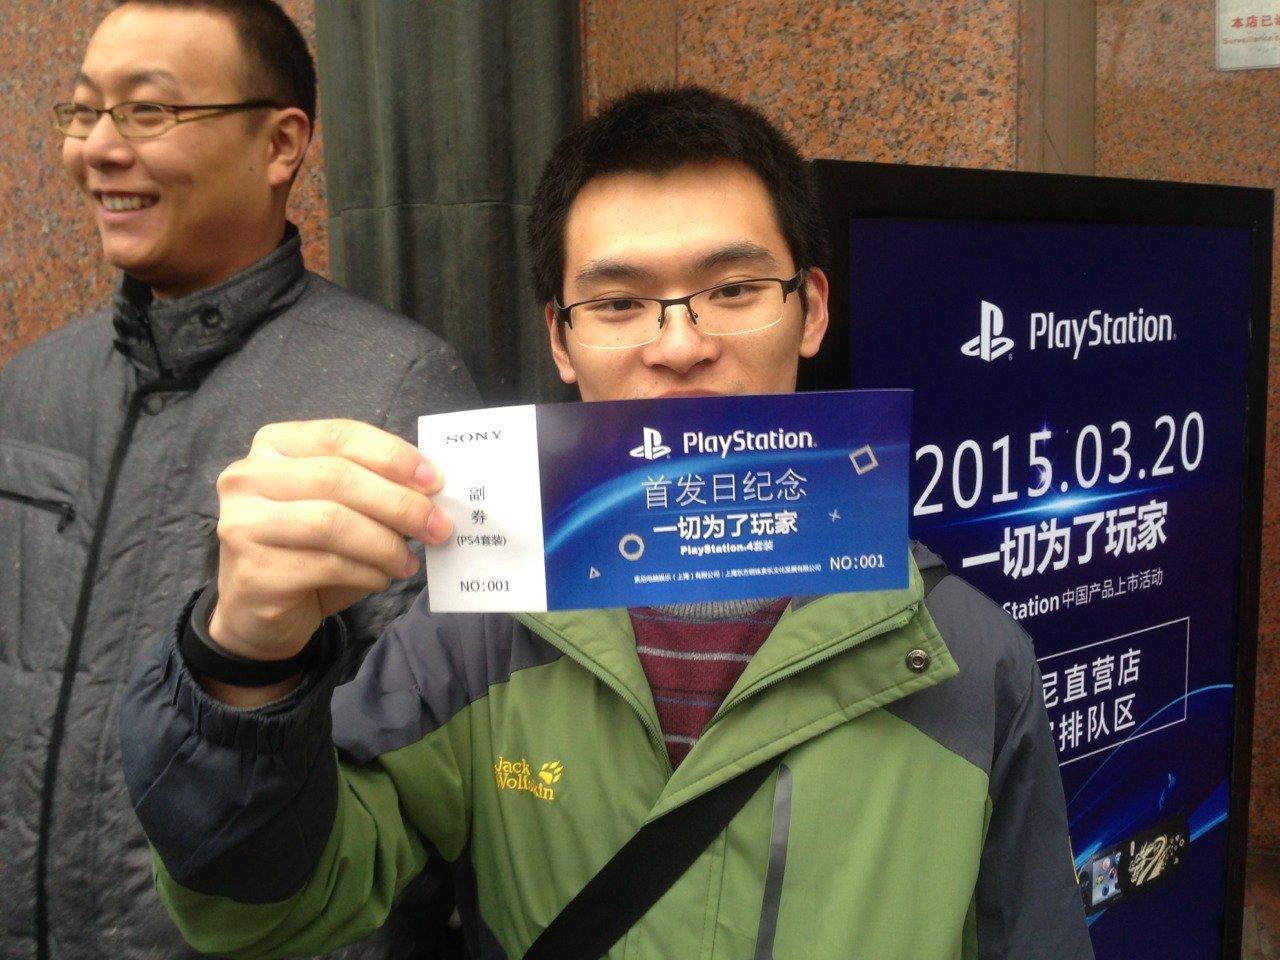 Китайцы встретили PlayStation 4 очередями !!! Долгожданный релиз в Китае ! - Изображение 4